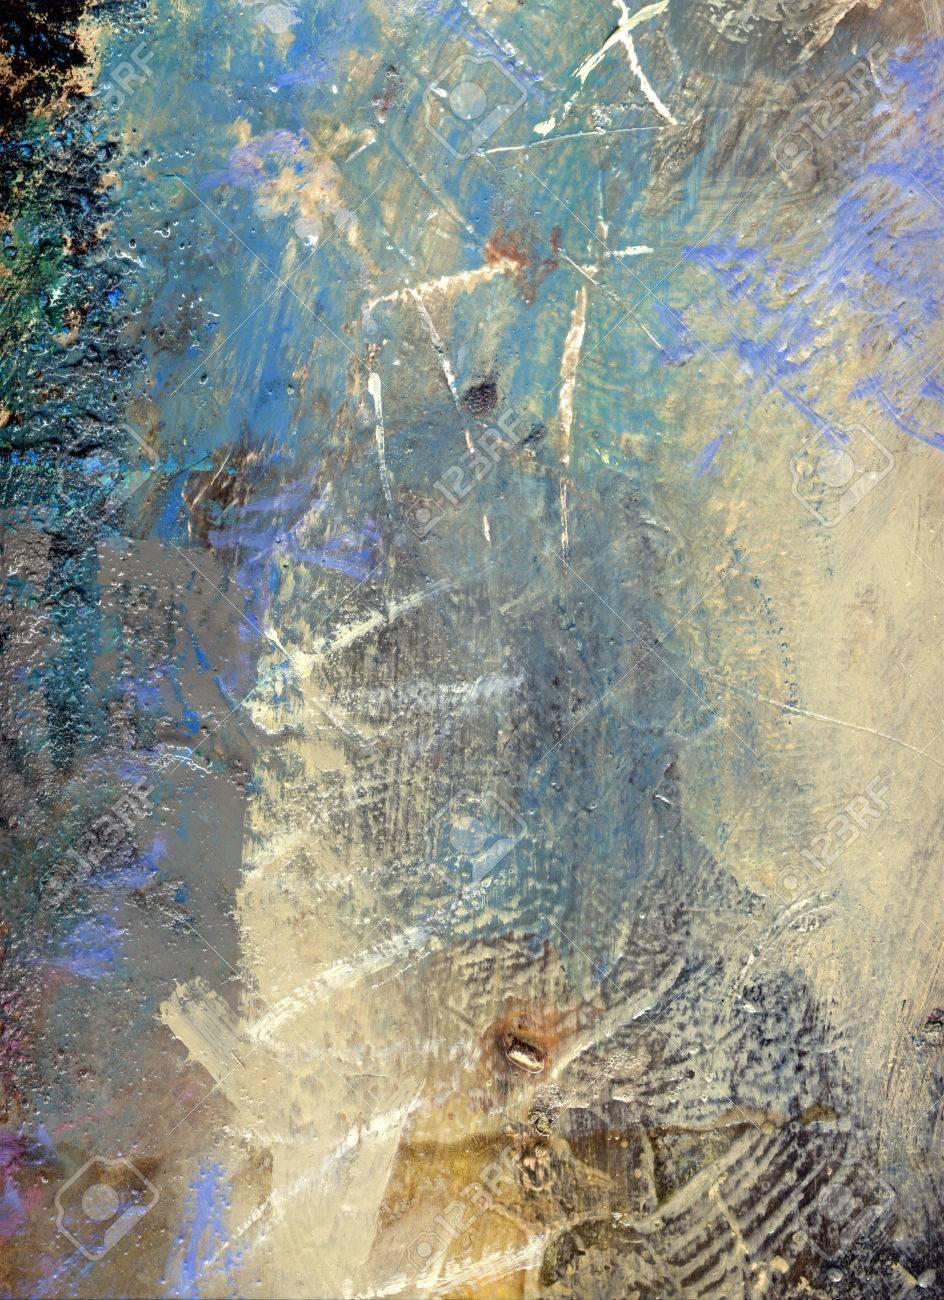 Abstrait Multicolore Couche ?uvre, Textures